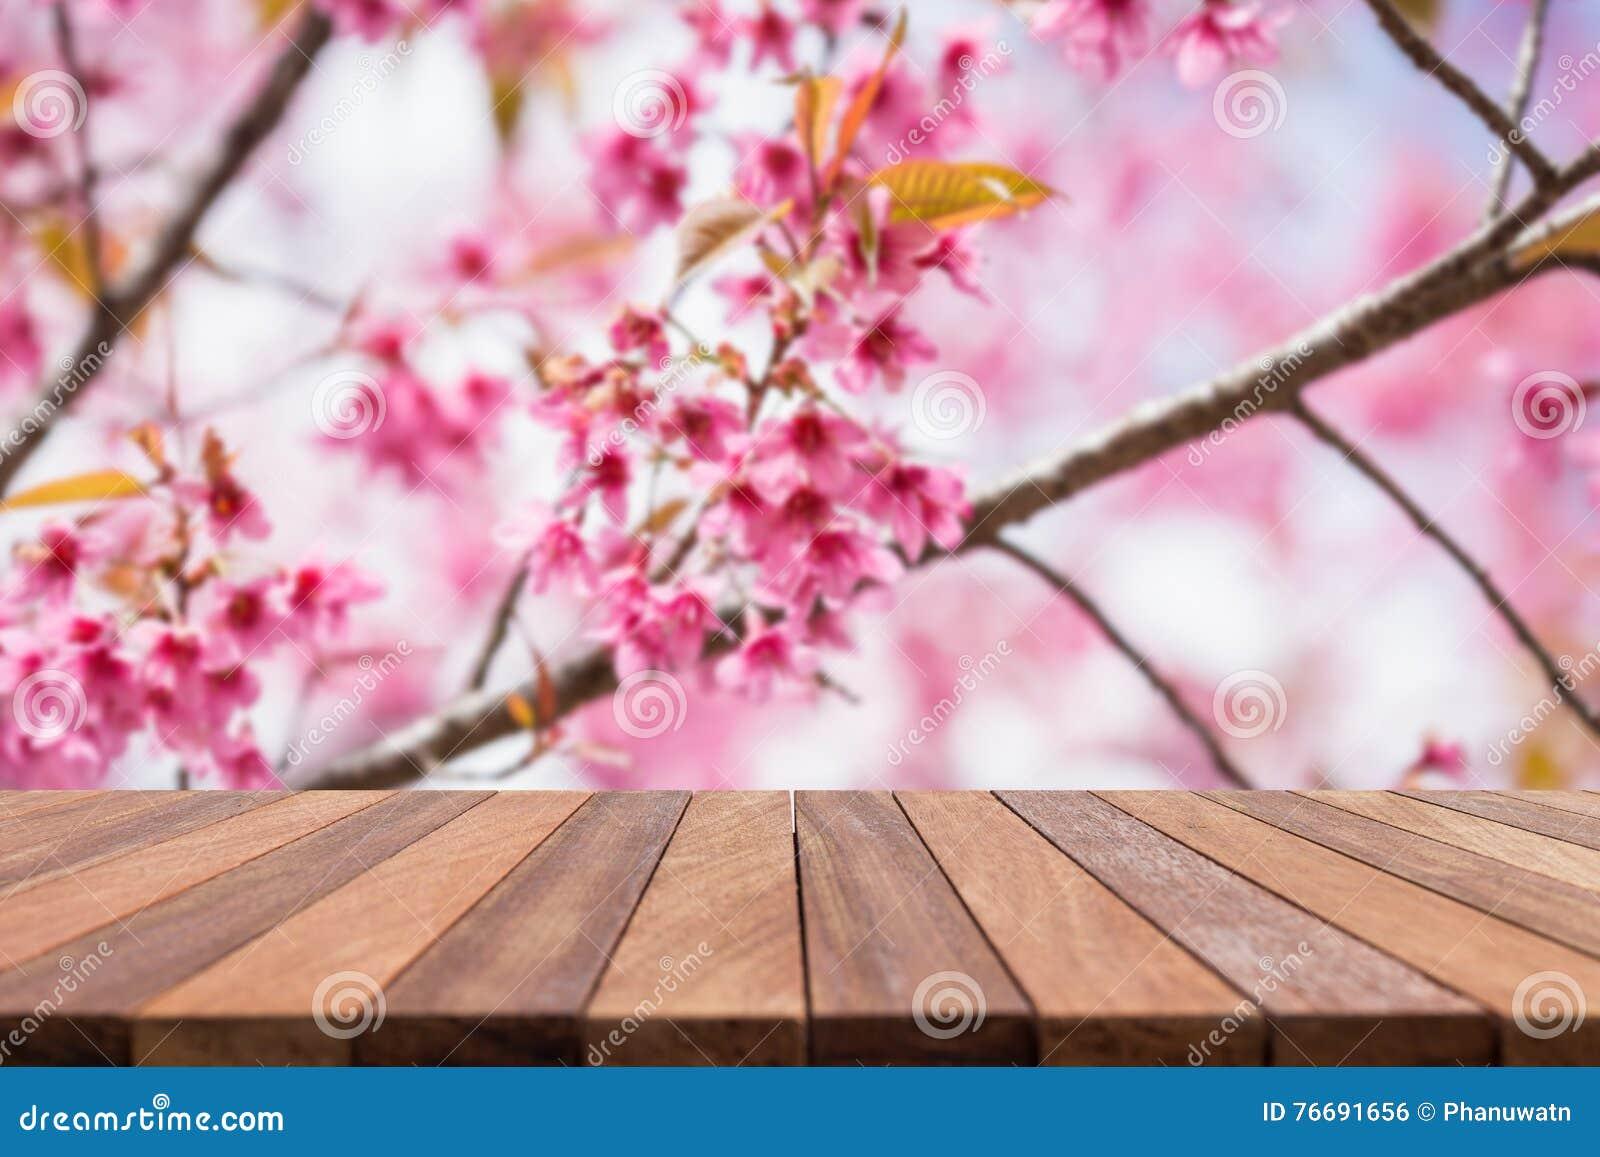 倒空顶面木桌和花田被弄脏的背景